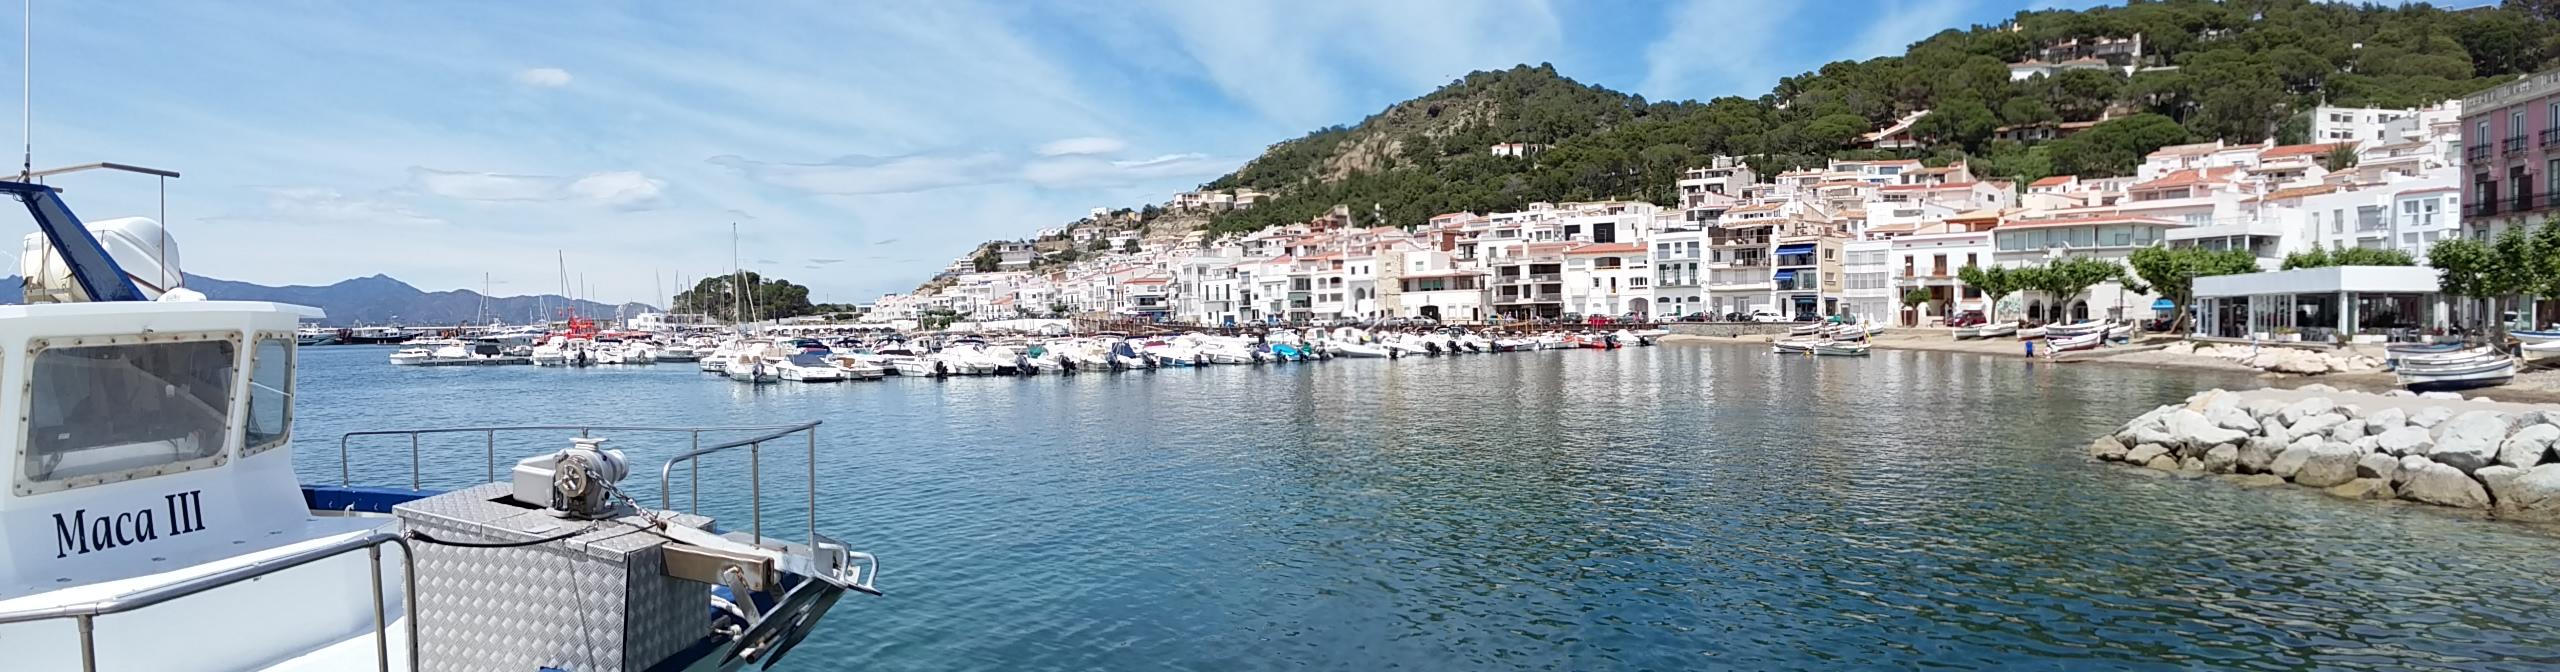 20160612_Port_de_la_Selva